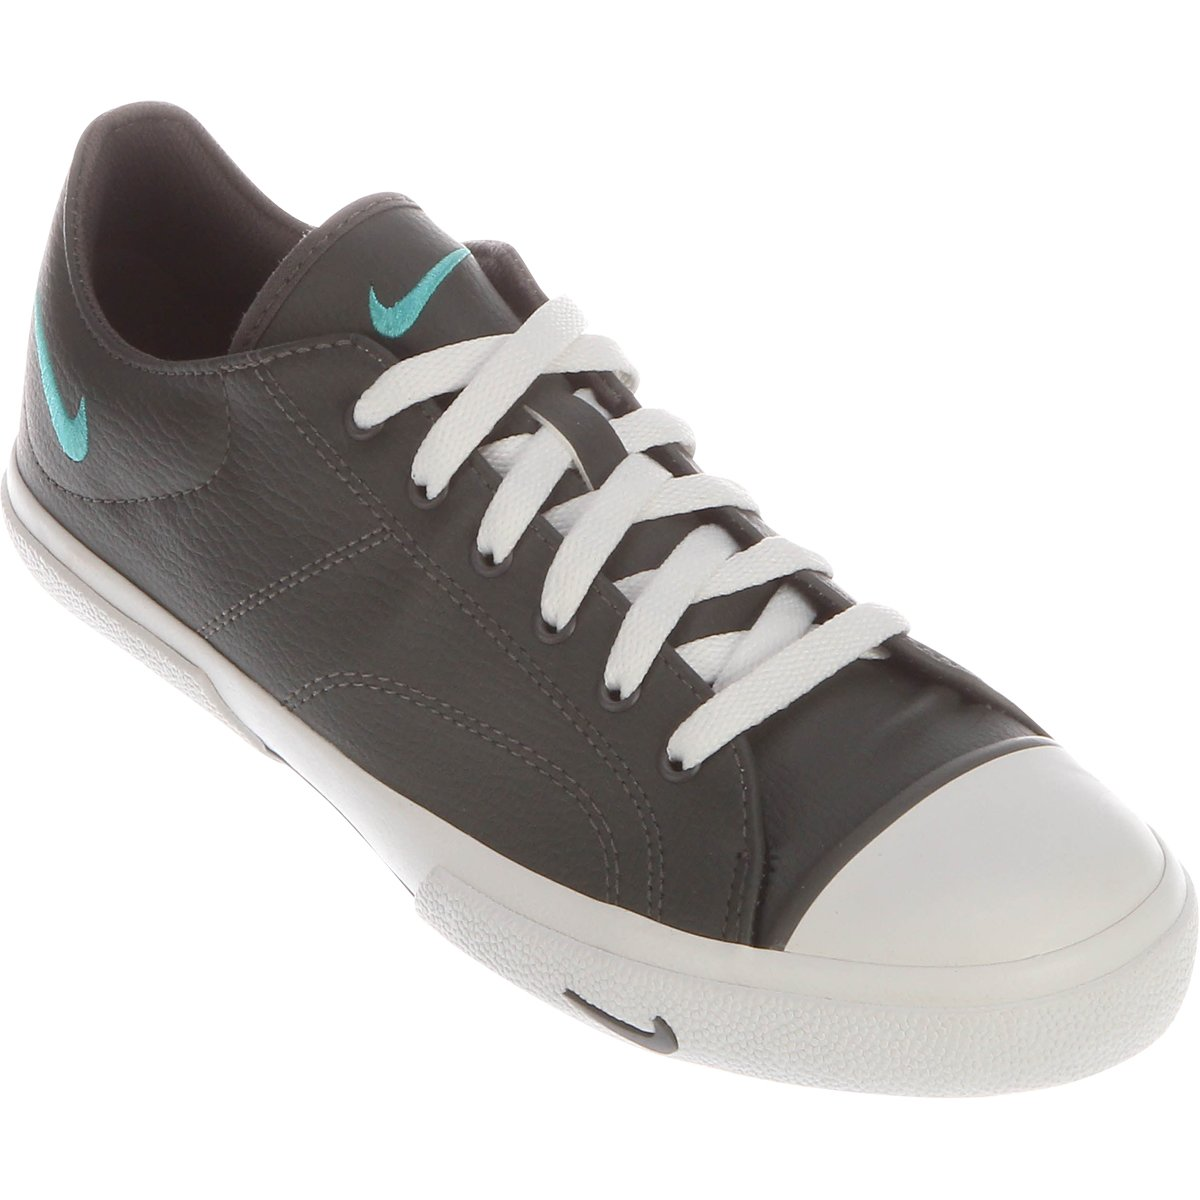 9c0f8f1c767 Tênis Nike Biscuit SL - Compre Agora